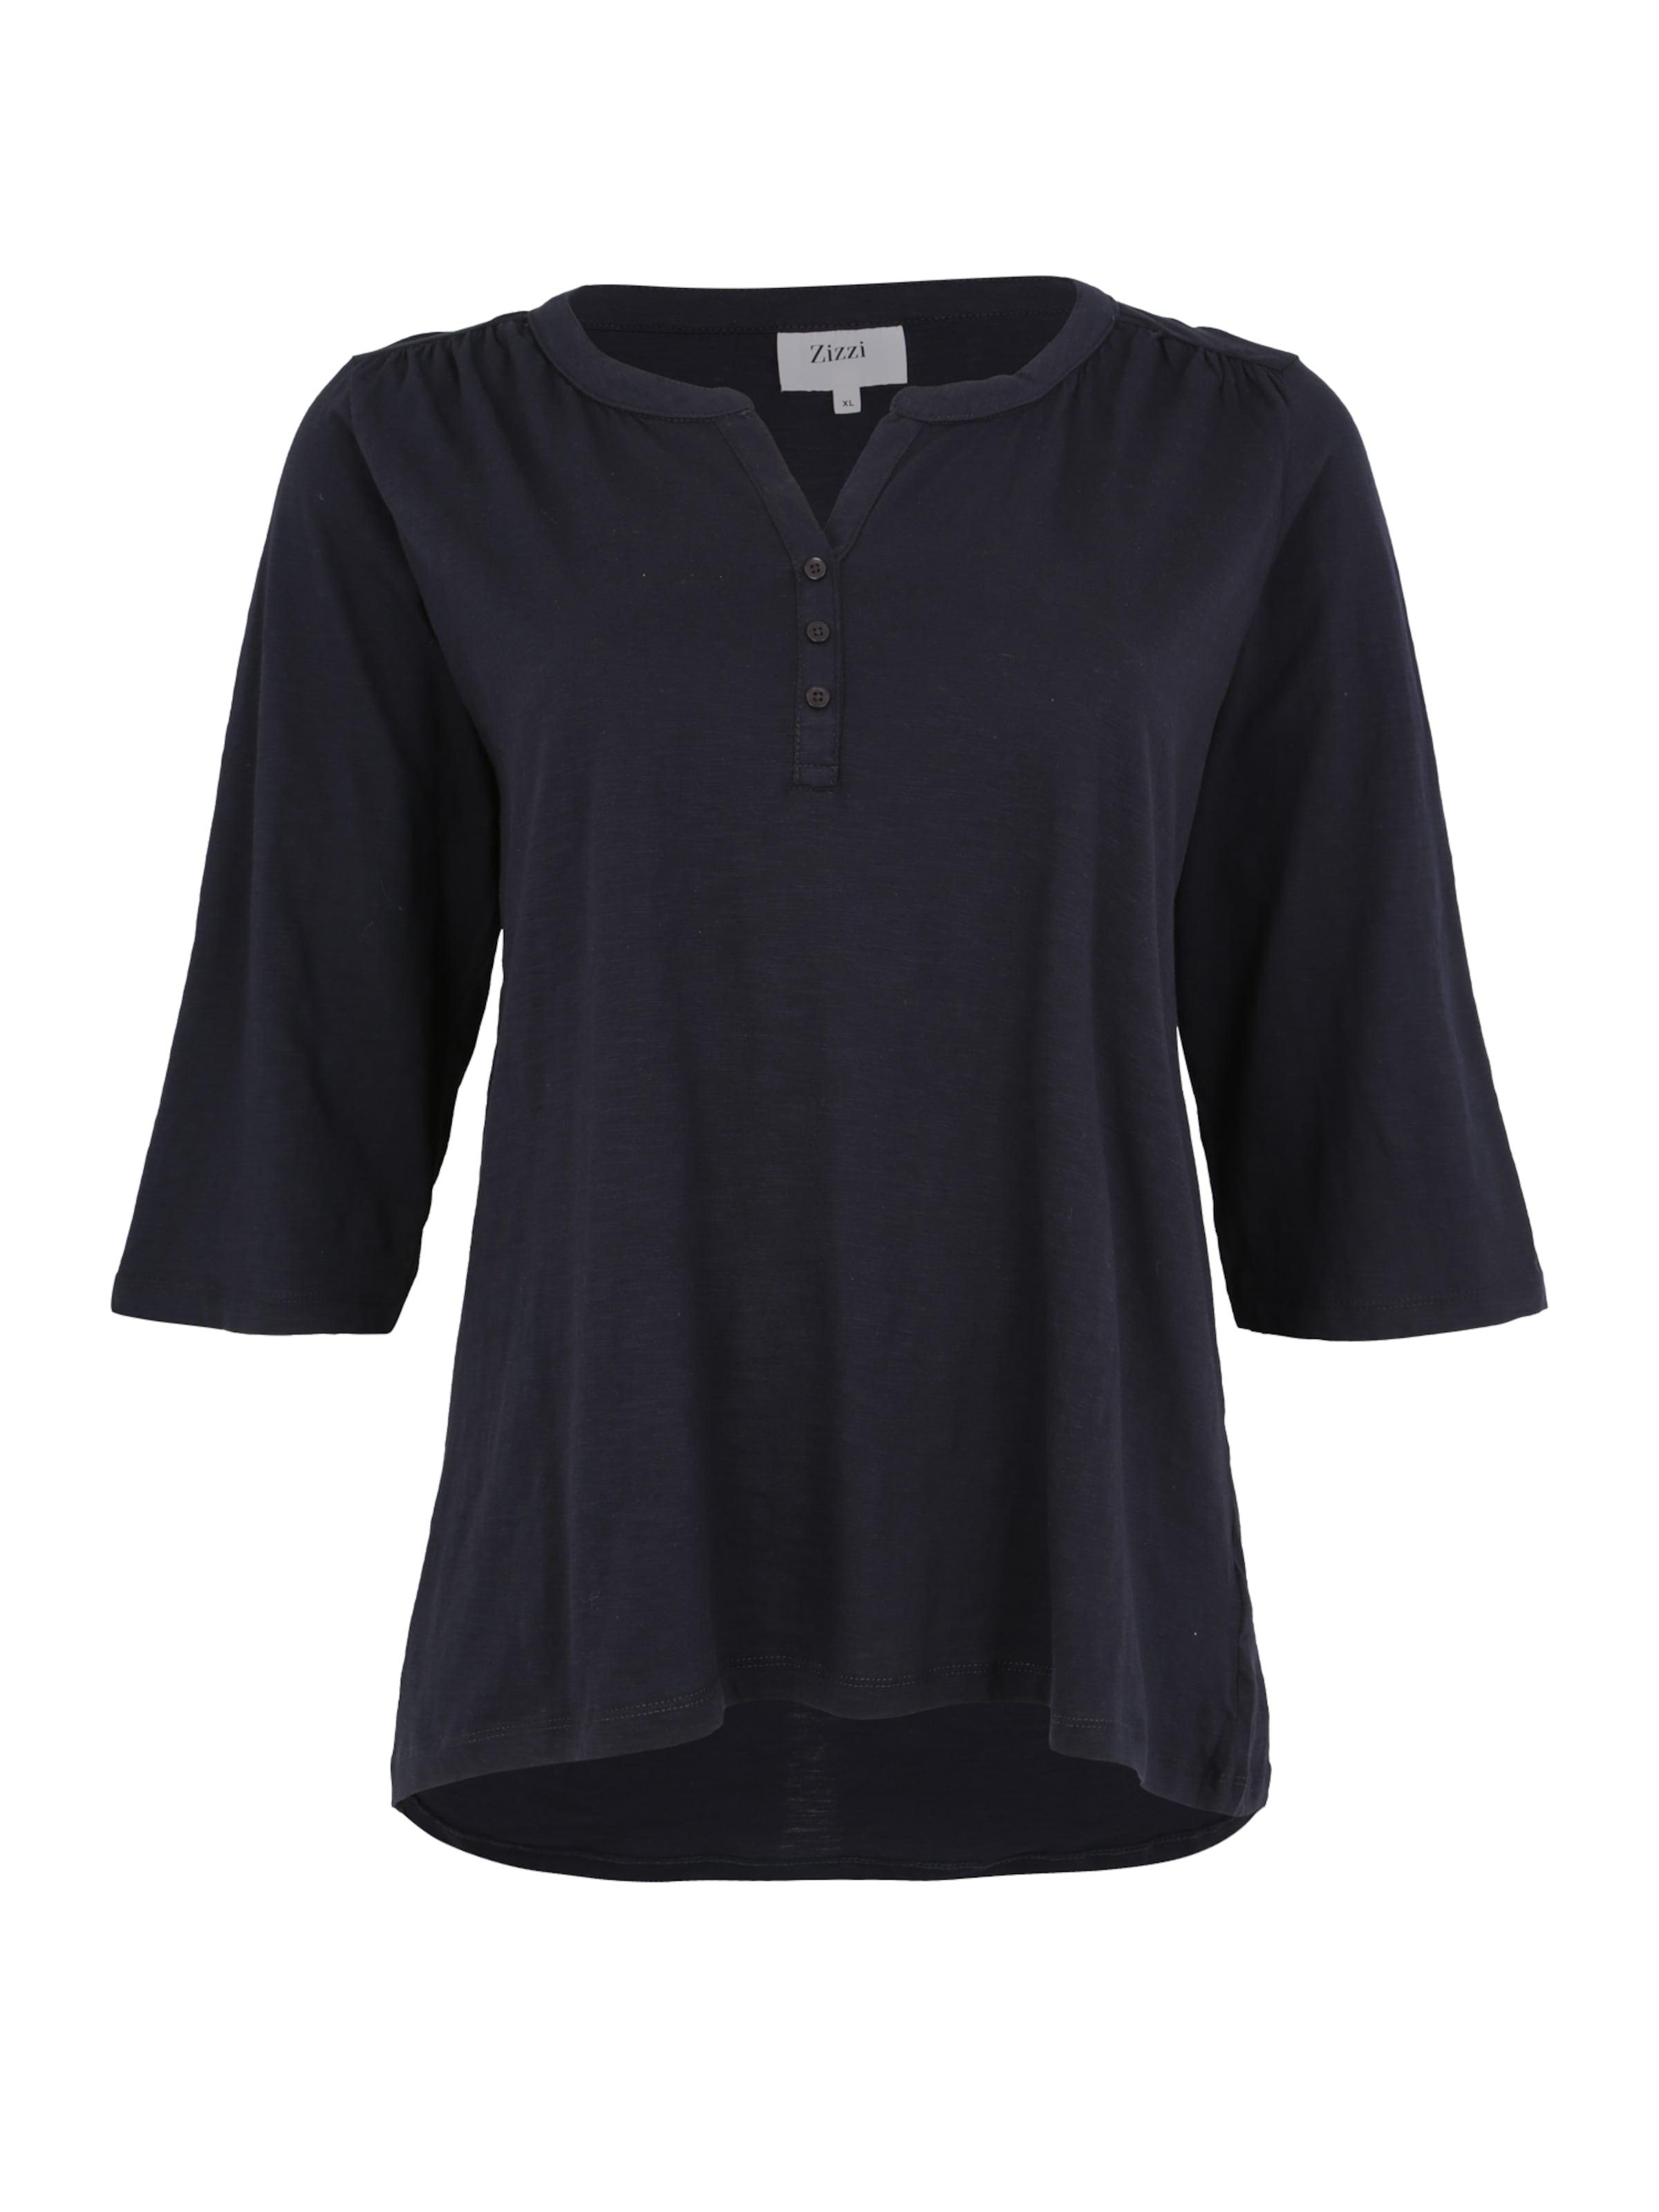 In Shirt Zizzi In Dunkelblau In Zizzi Zizzi Shirt Zizzi Dunkelblau Shirt Dunkelblau 0wNnP8kXO